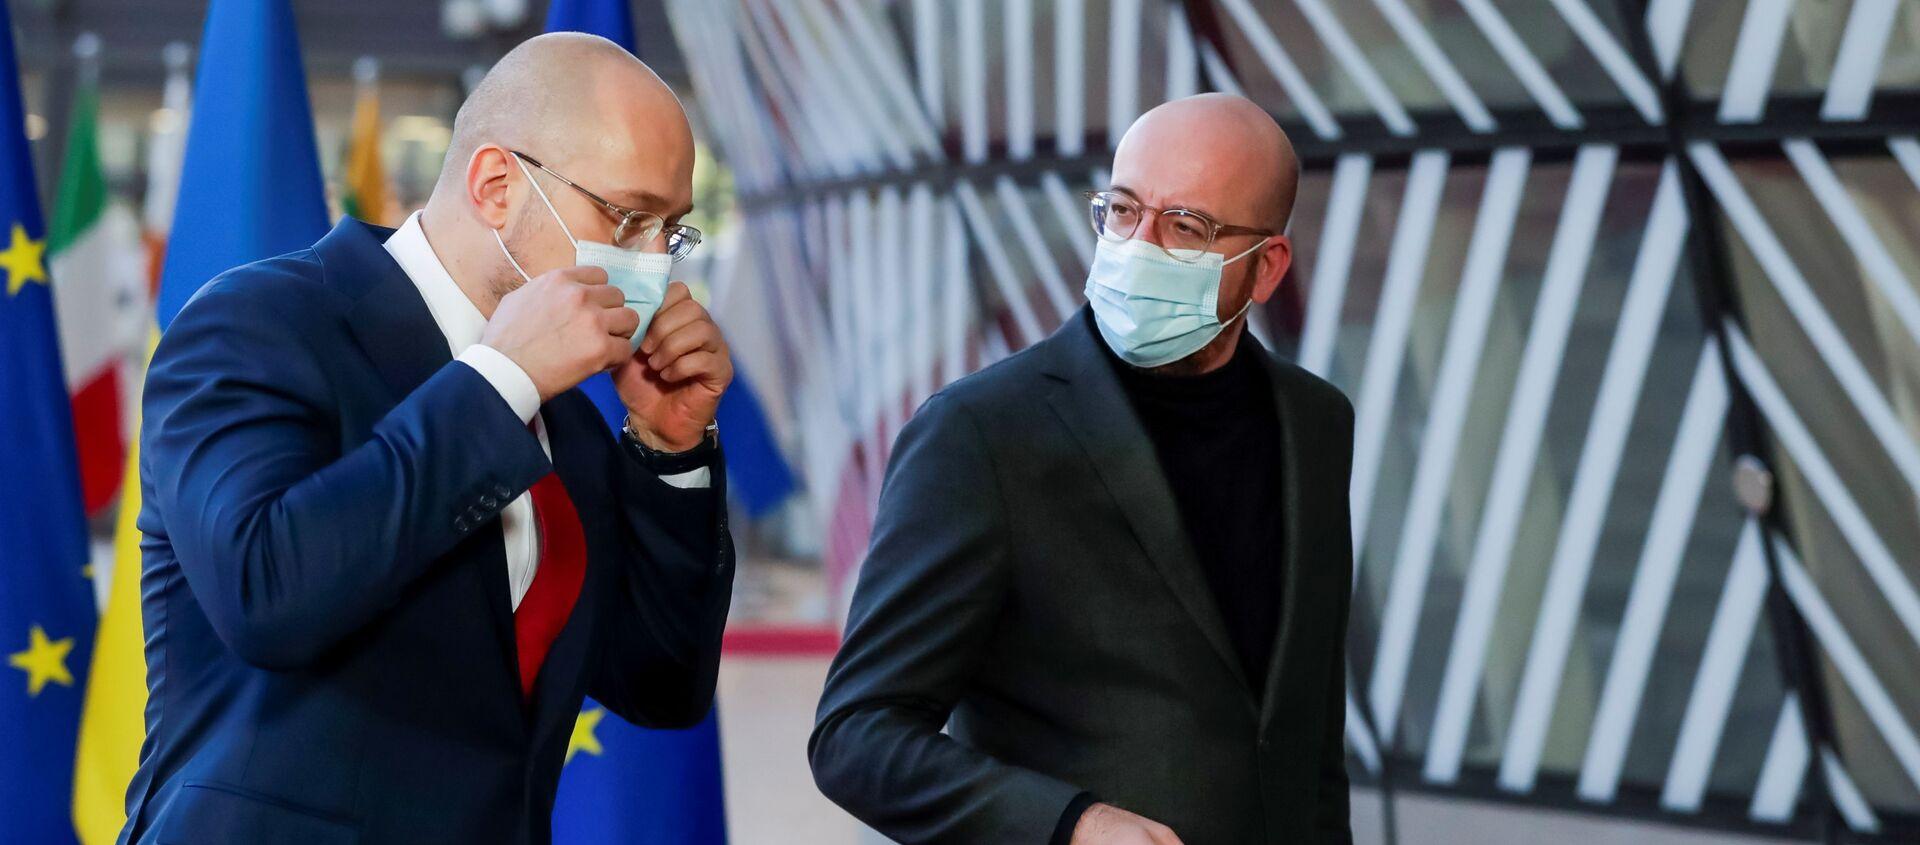 Premier Ukrainy Denis Shmygal i Przewodniczący Rady Europejskiej Charles Michel w Brukseli, Belgia - Sputnik Polska, 1920, 09.02.2021